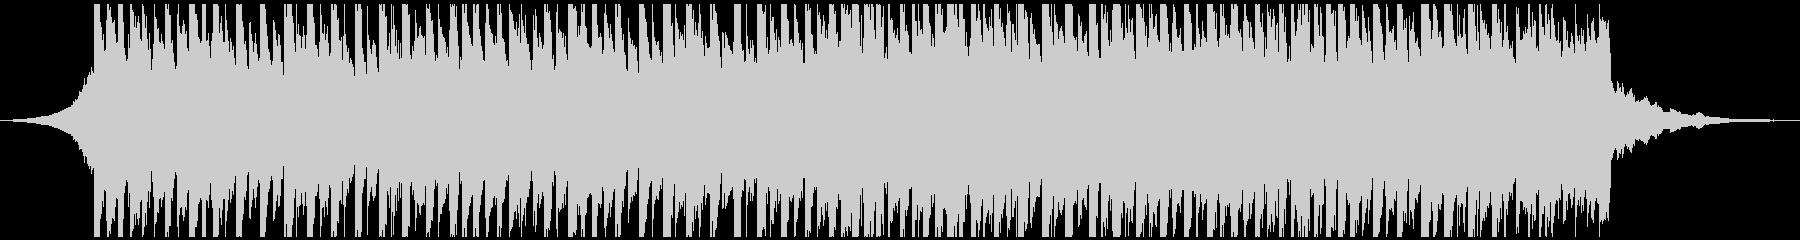 コーポレートテック(40秒)の未再生の波形